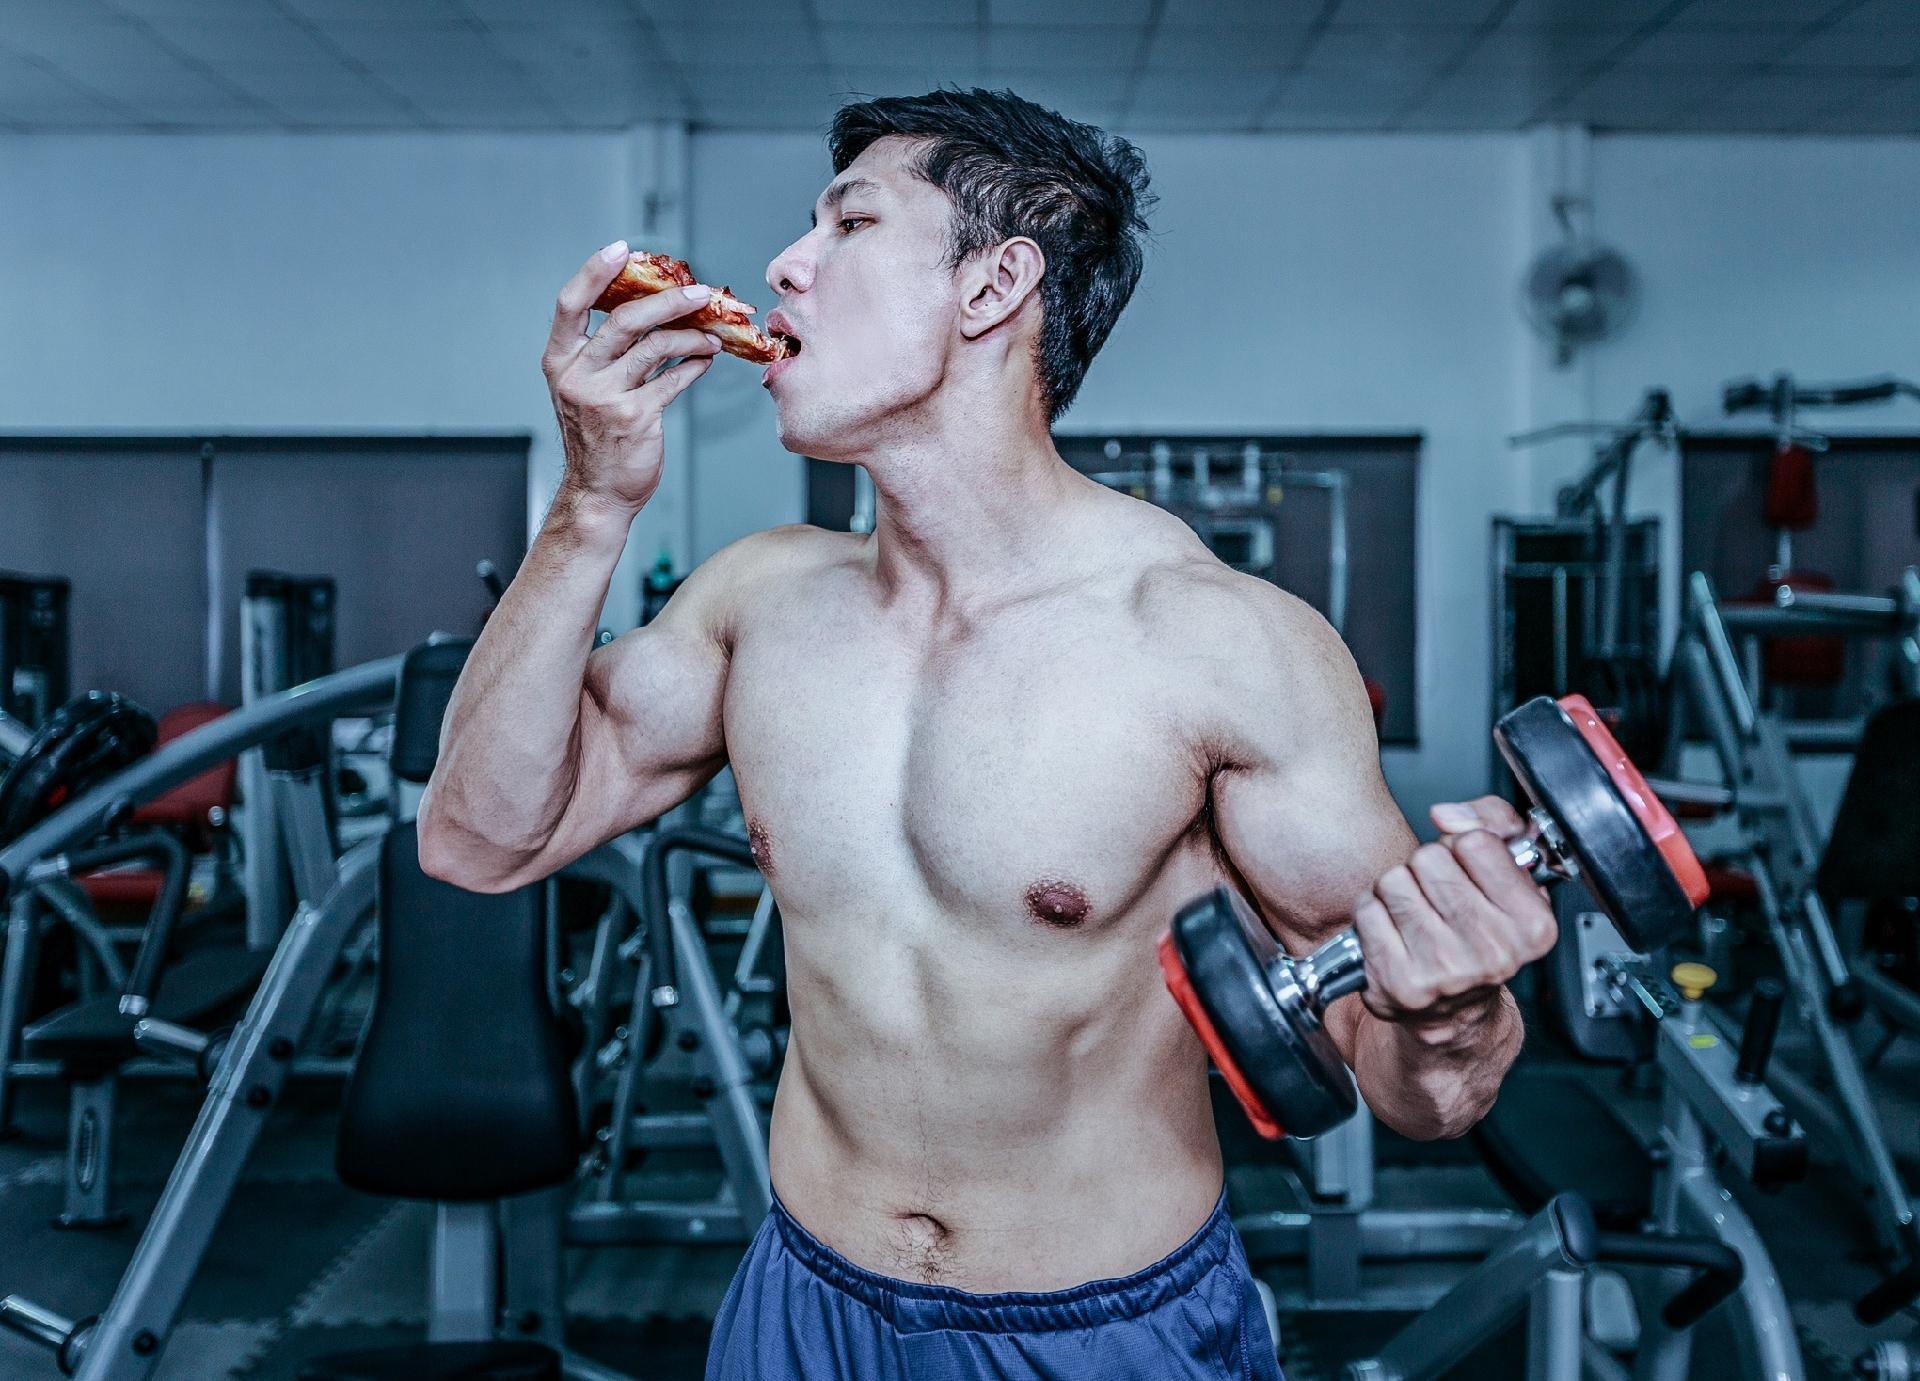 b91ce8794d345 5 coisas que você faz após malhar e prejudicam o treino e a saúde -  27 02 2018 - UOL VivaBem